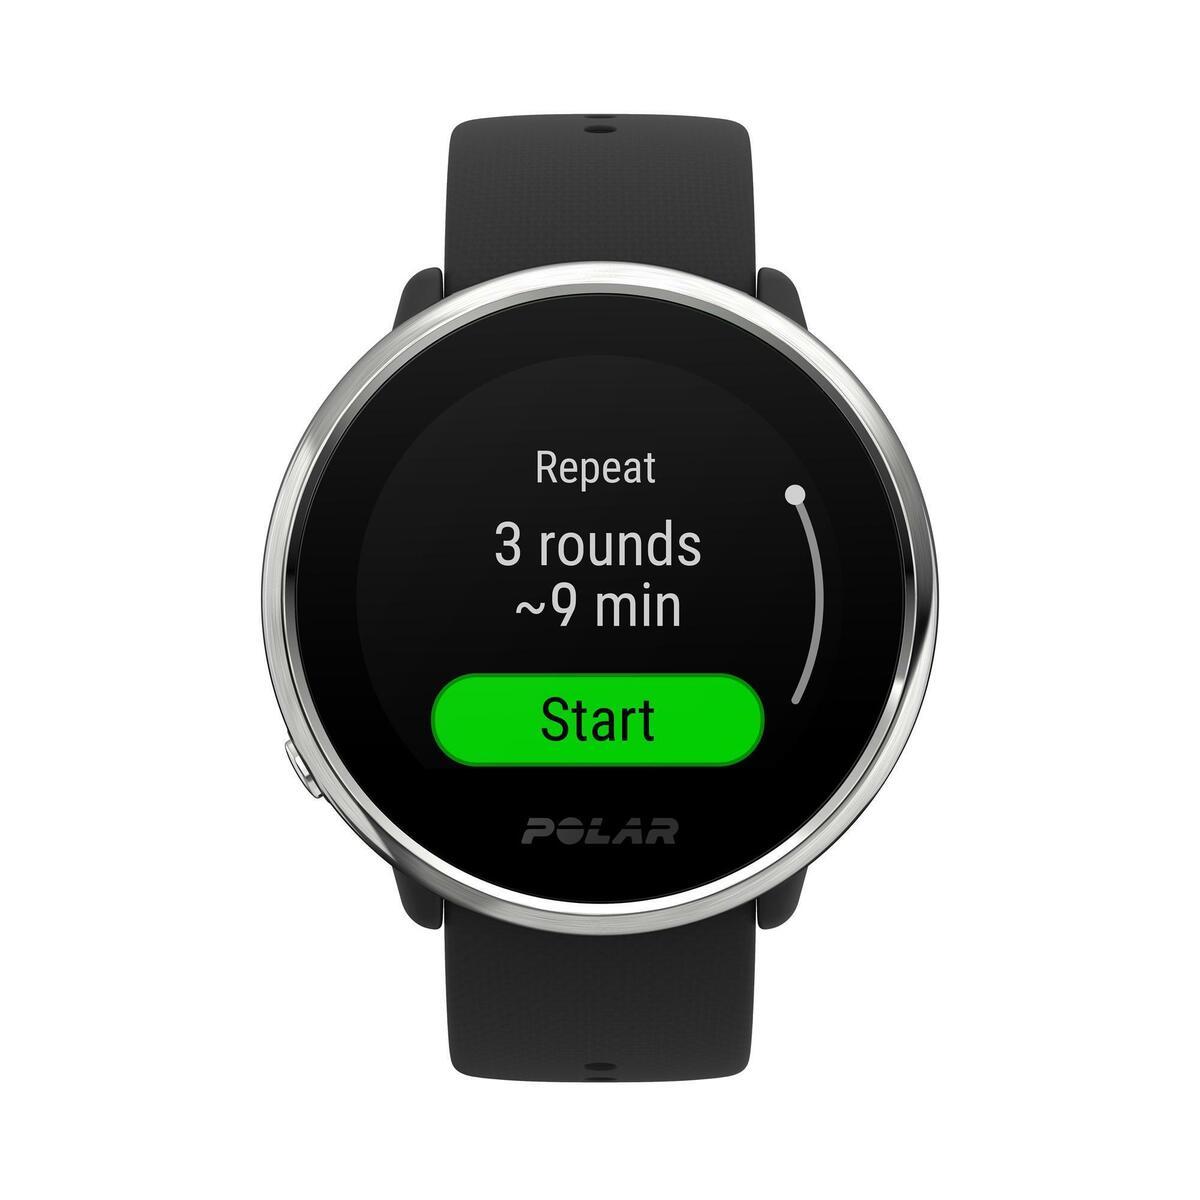 Bild 5 von GPS-Uhr wasserdicht mit Pulsmessung am Handgelenk Ignite schwarz